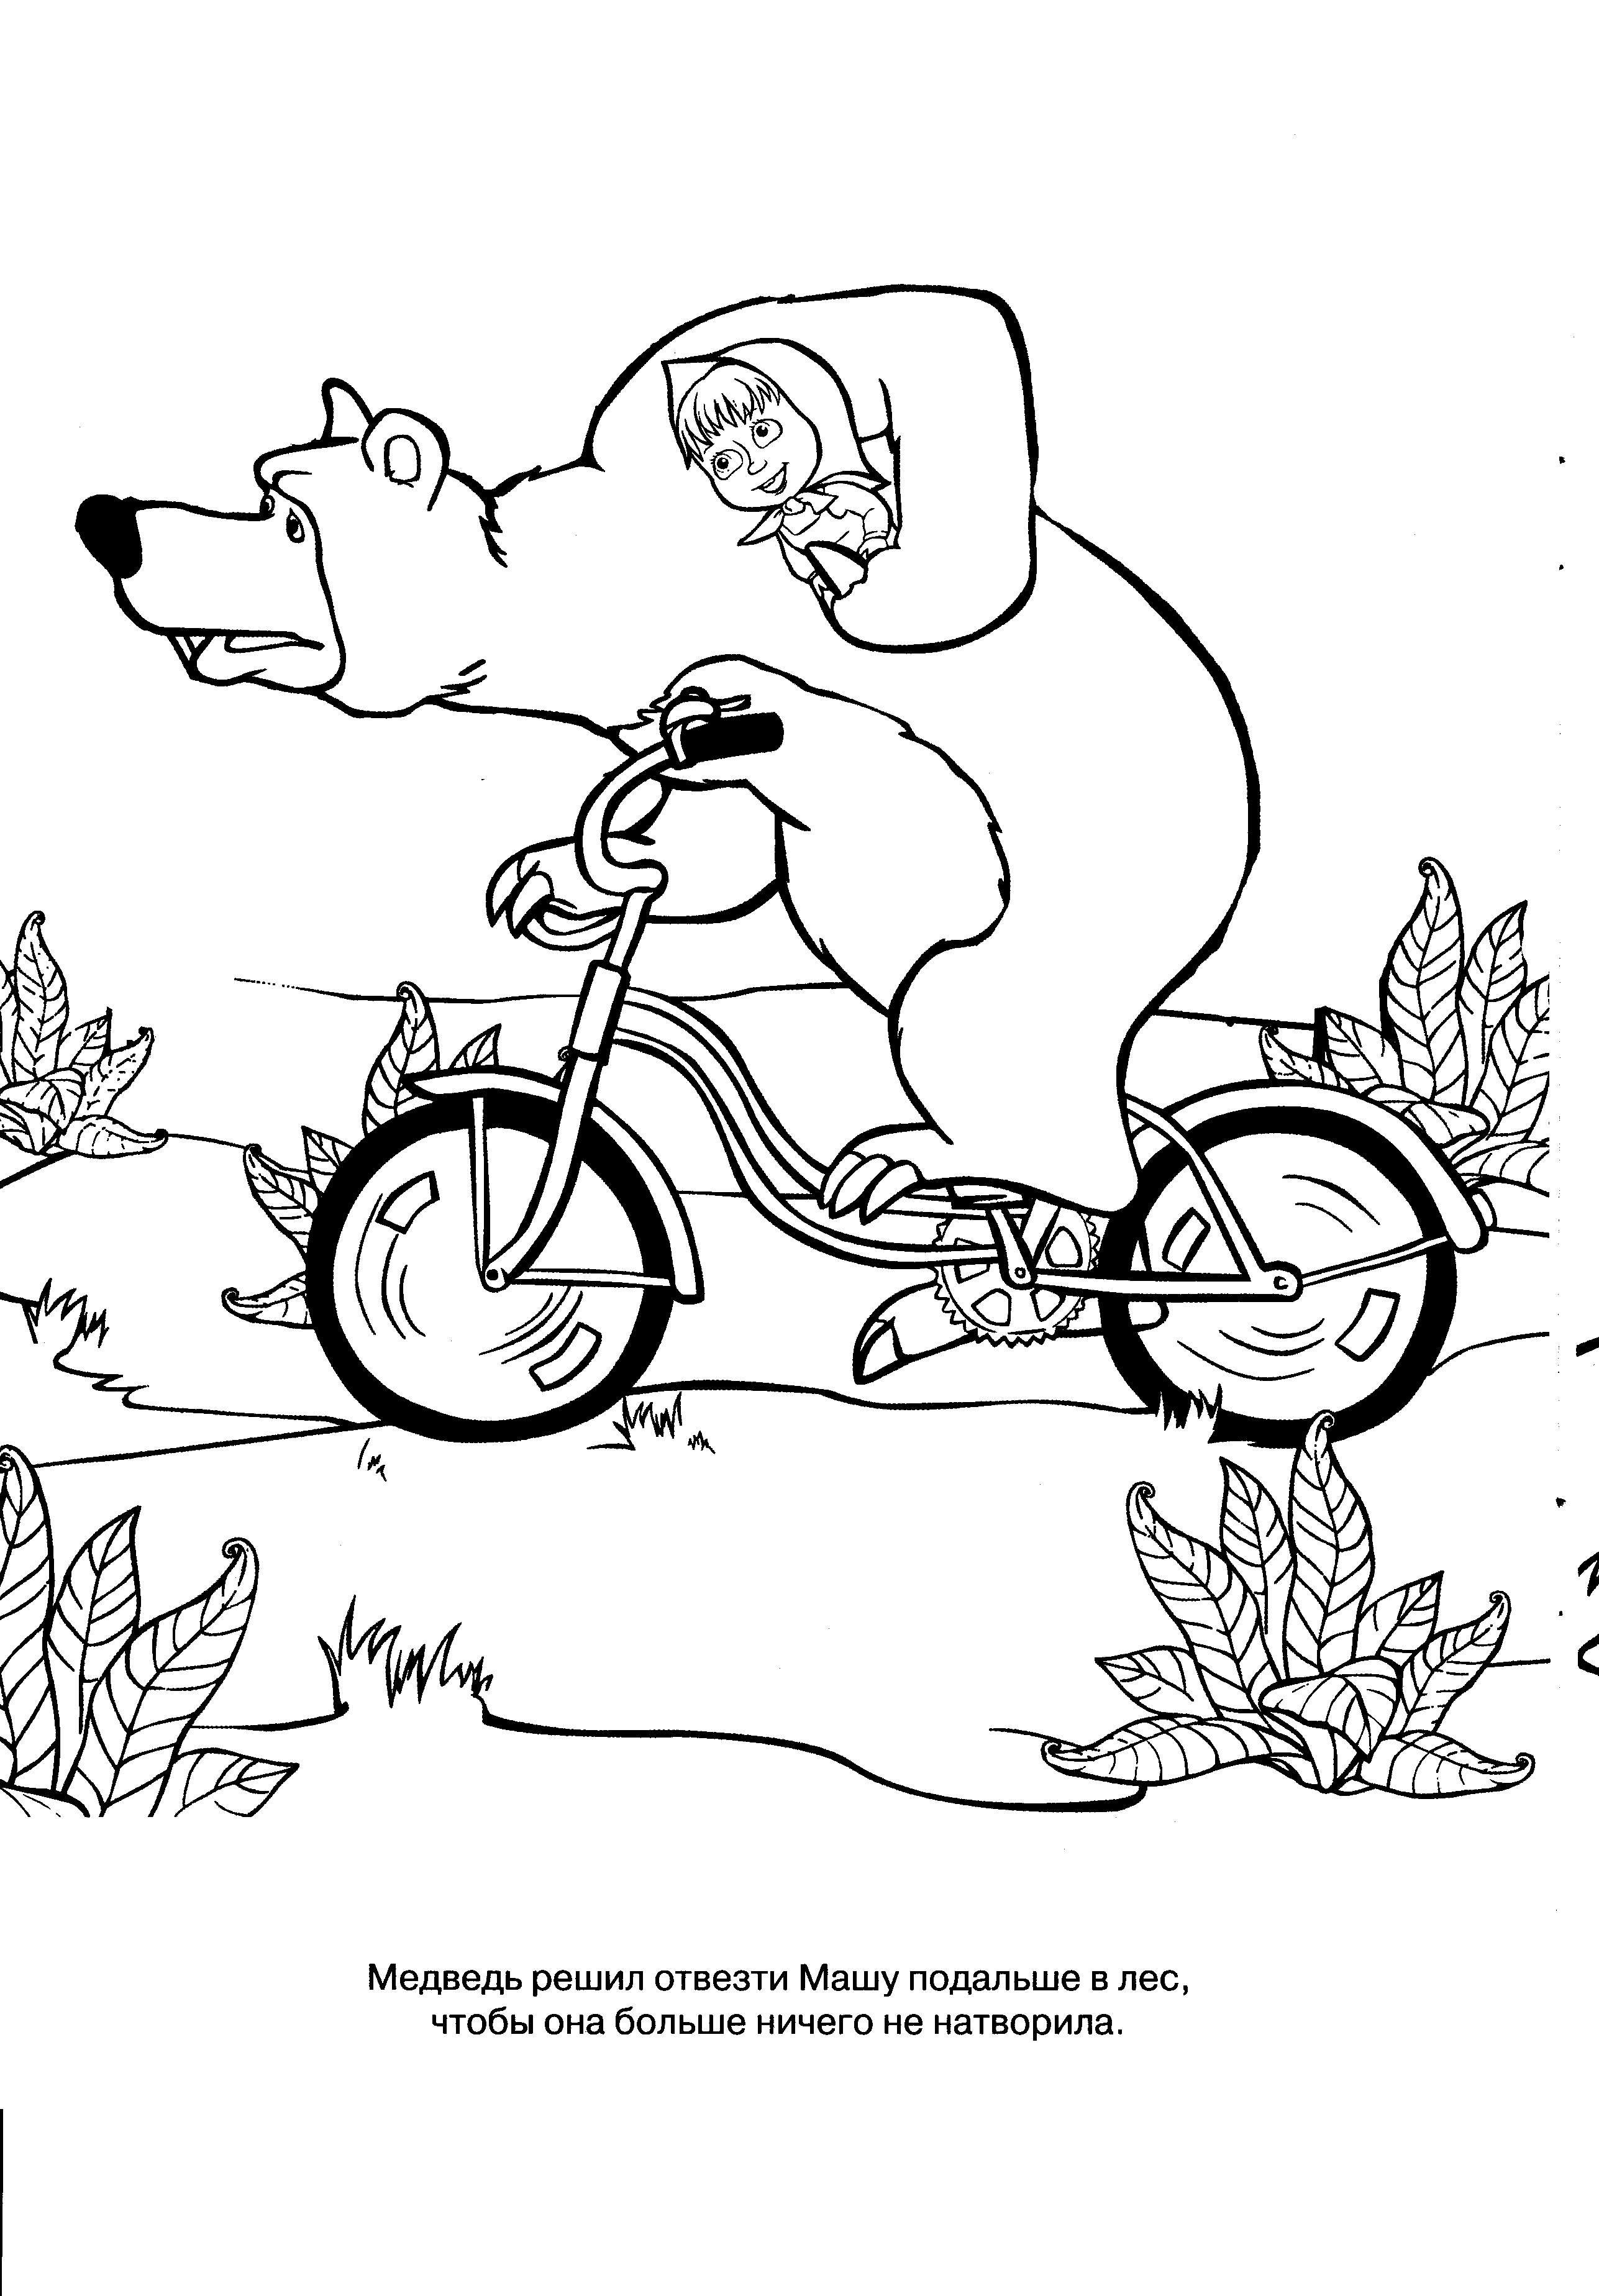 И Маша для детей, раскраска детская, велосипед, девочка Маша, цирков.